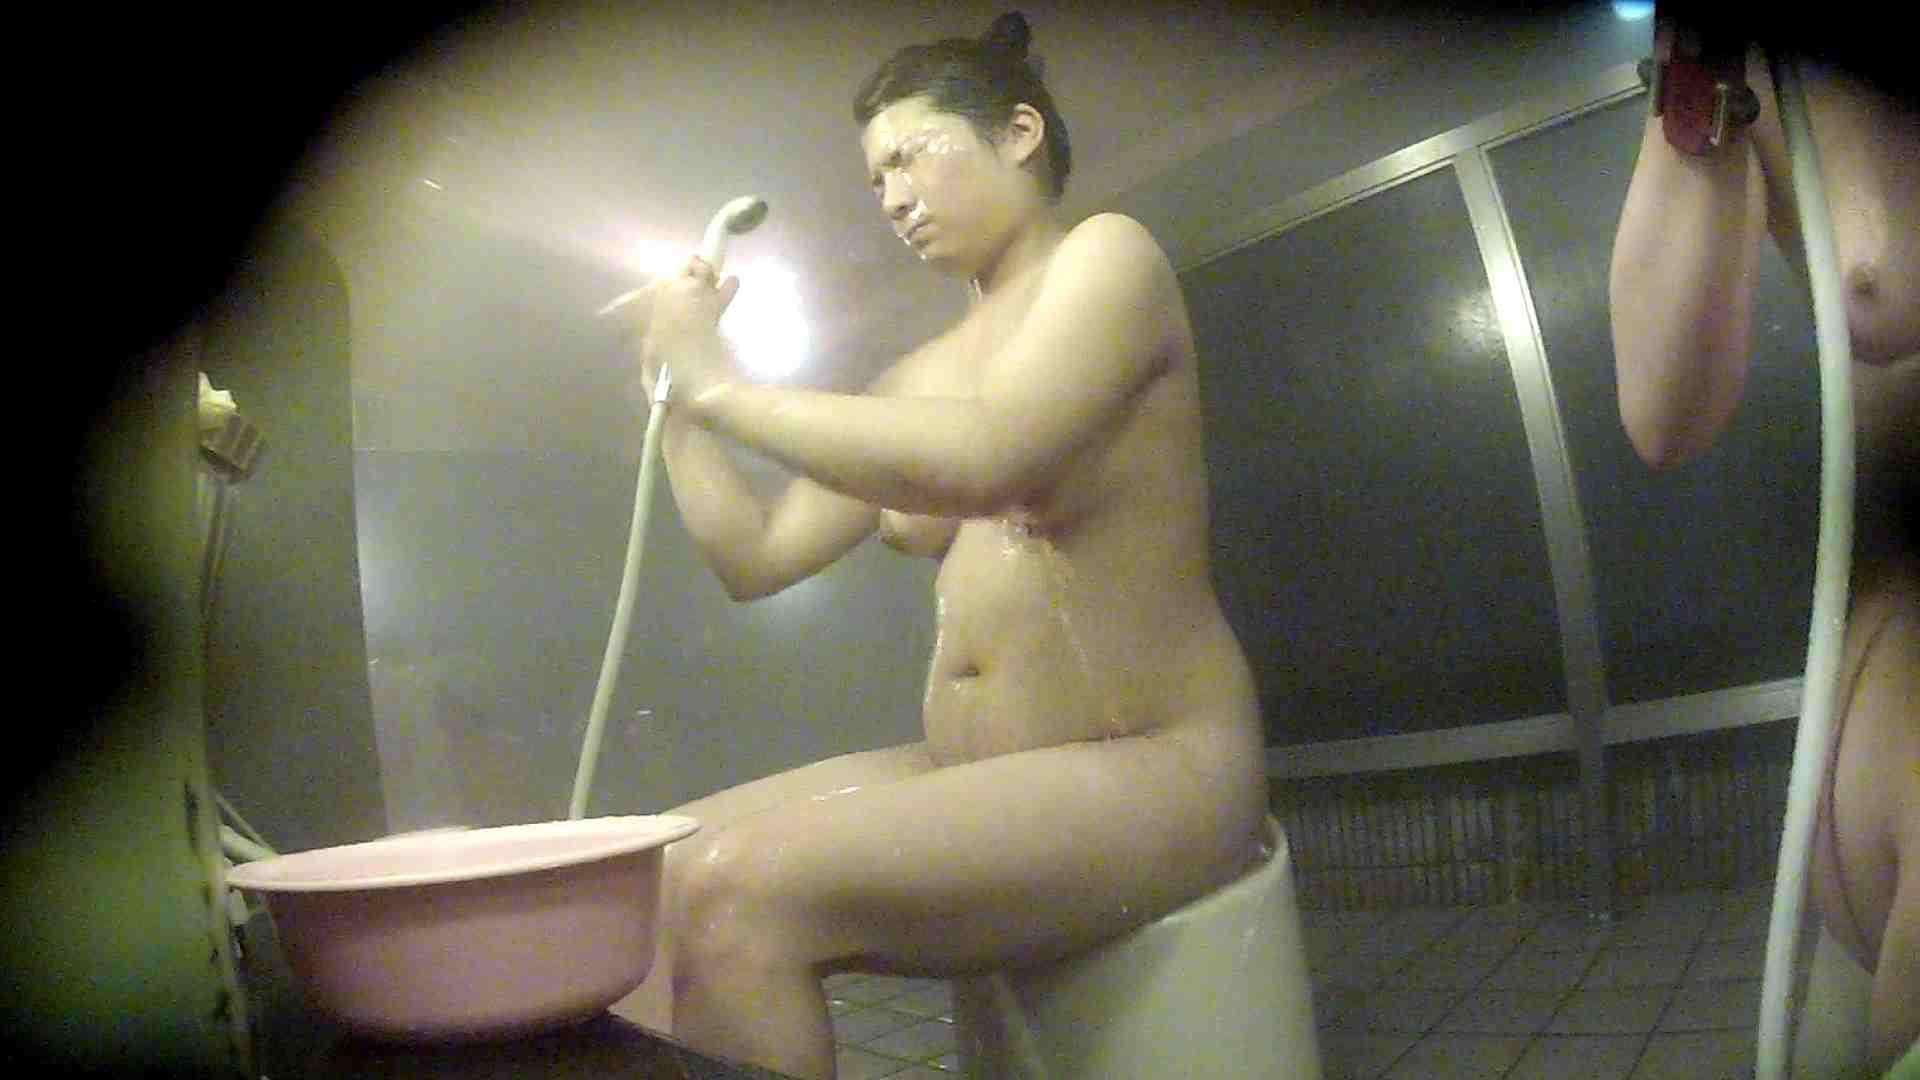 ヤリマンのオマンコ:洗い場!豪快な顔、豪快なボディ、豪快な胸!:怪盗ジョーカー